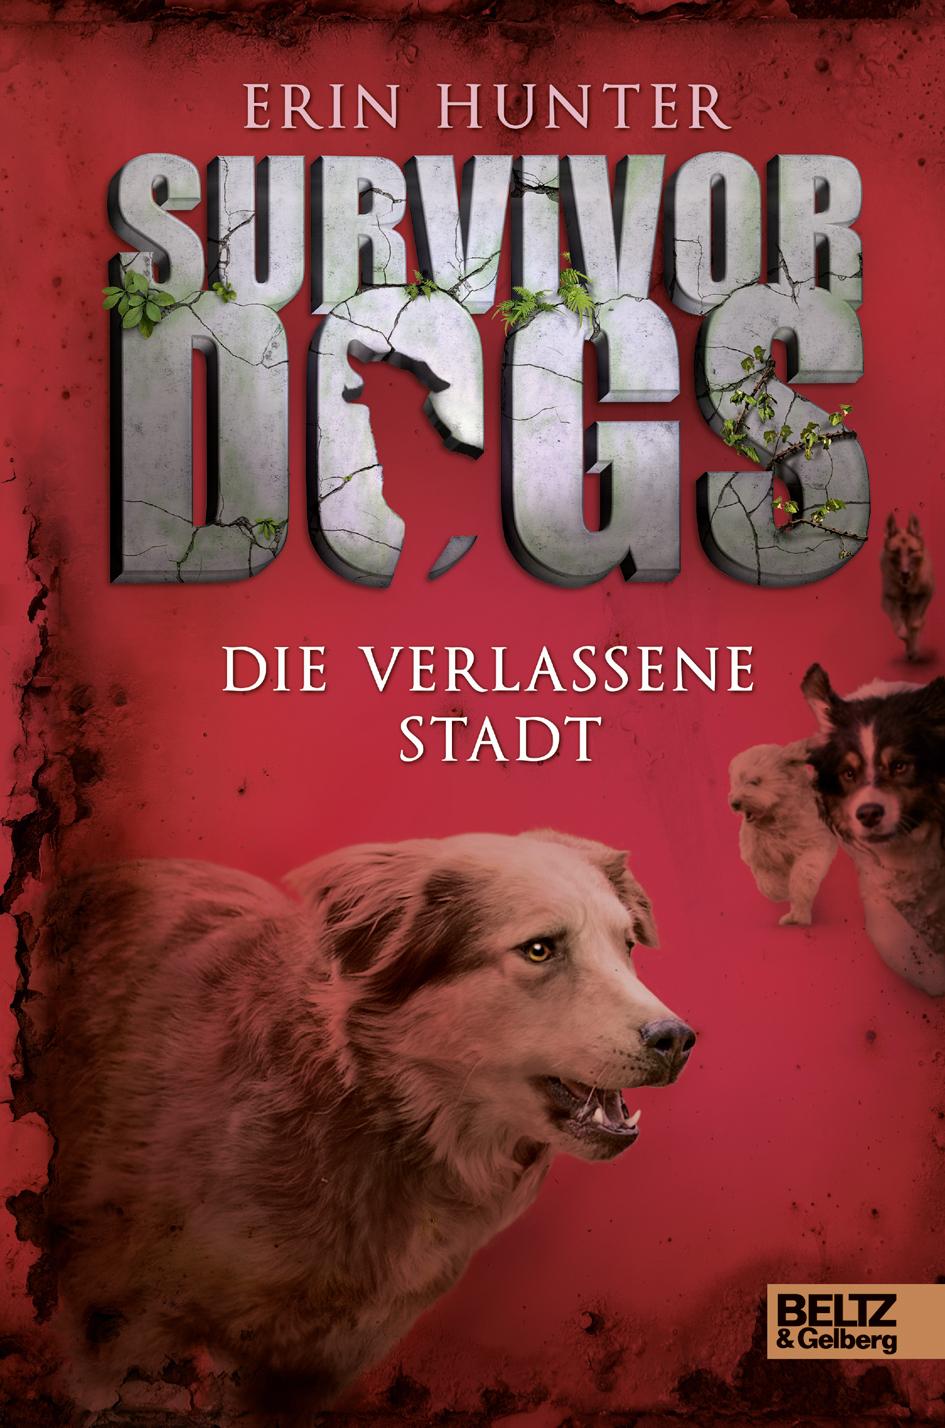 http://uebermorgenwelt-buecher.blogspot.de/2014/03/survivordogs-lassie-kann-einpacken.html